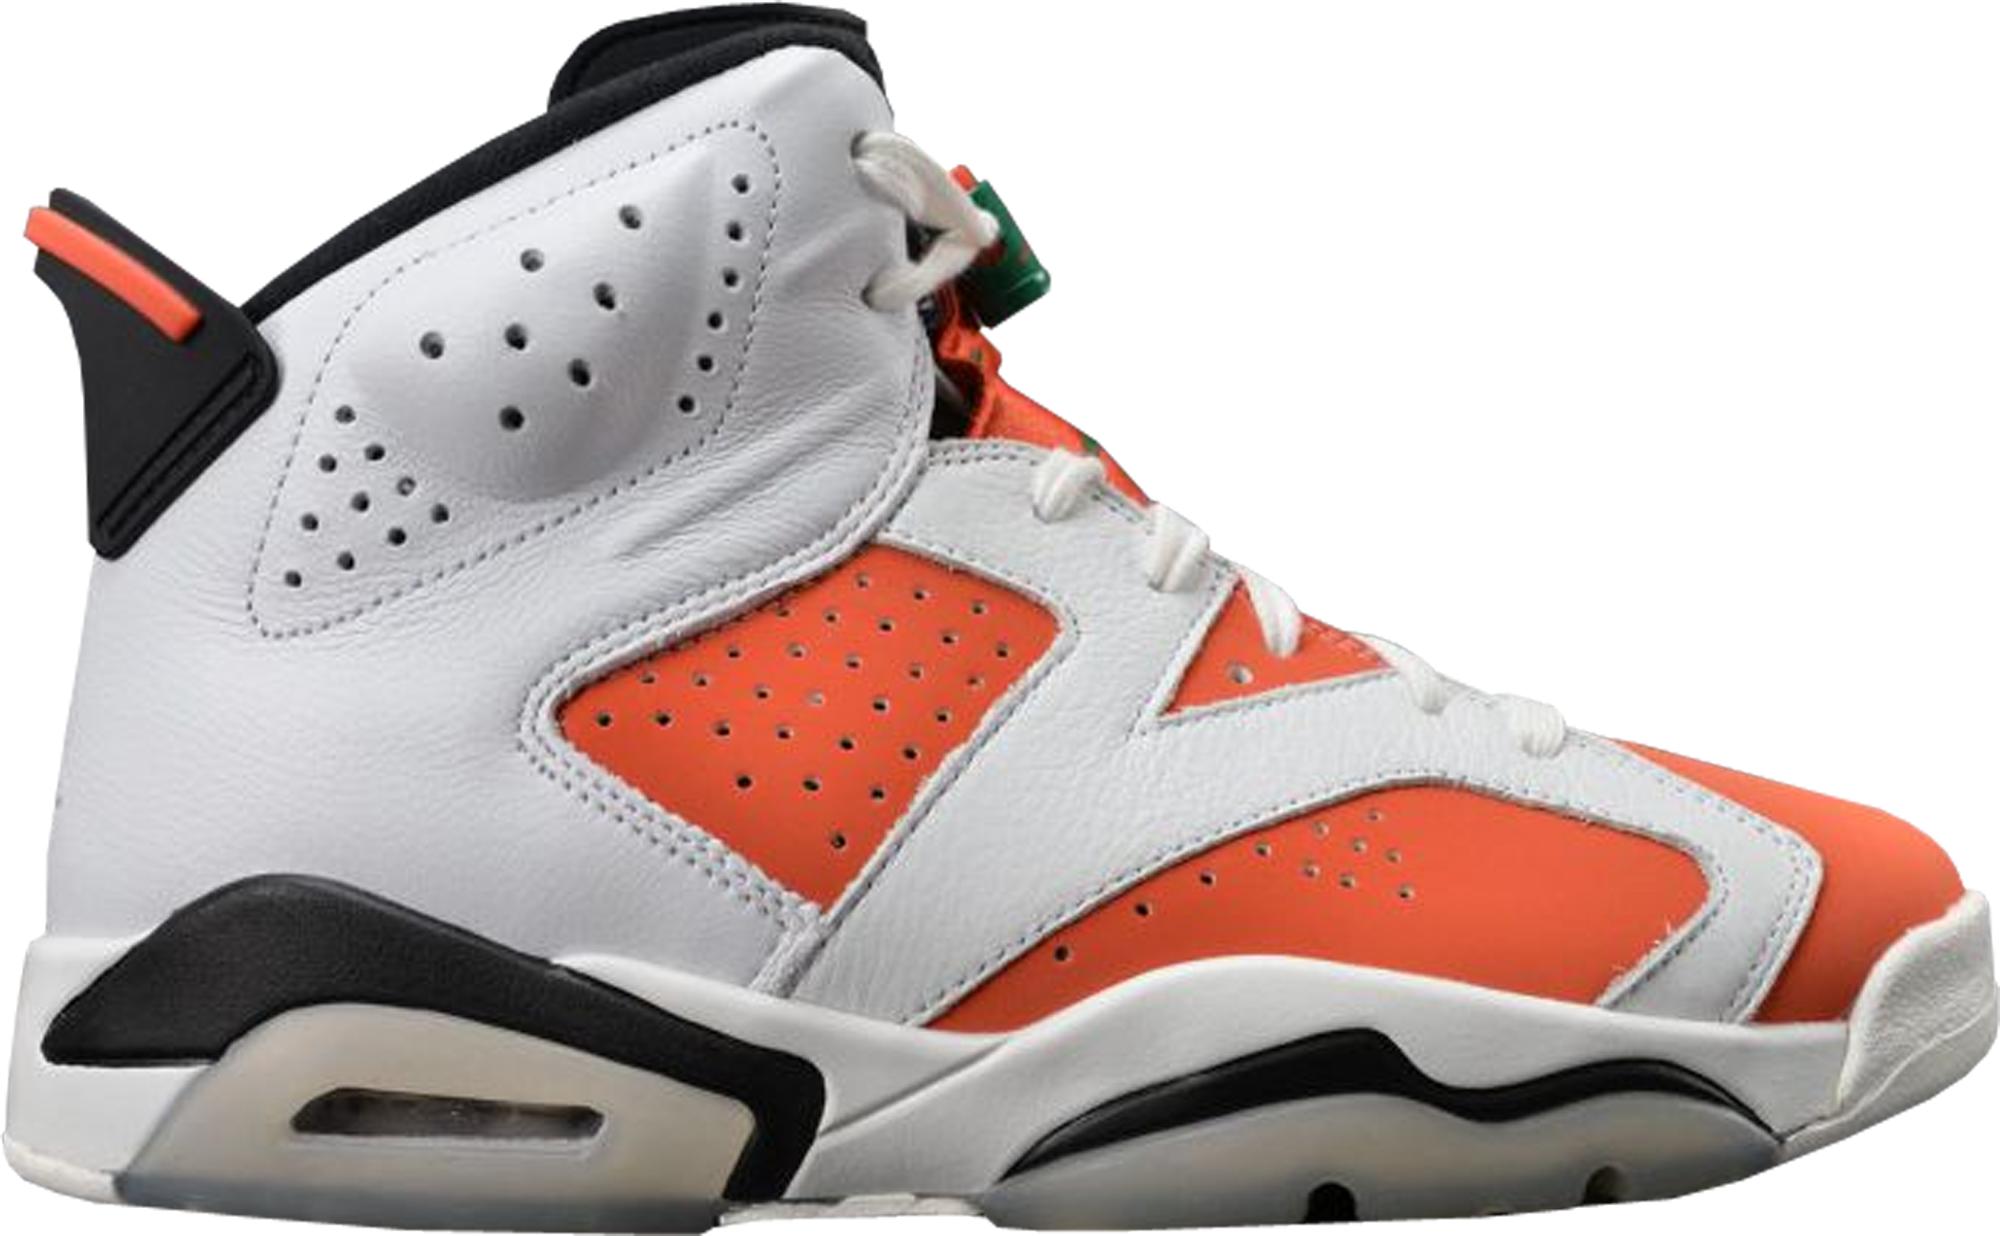 Air Jordan Baskets Stock Gatorade X